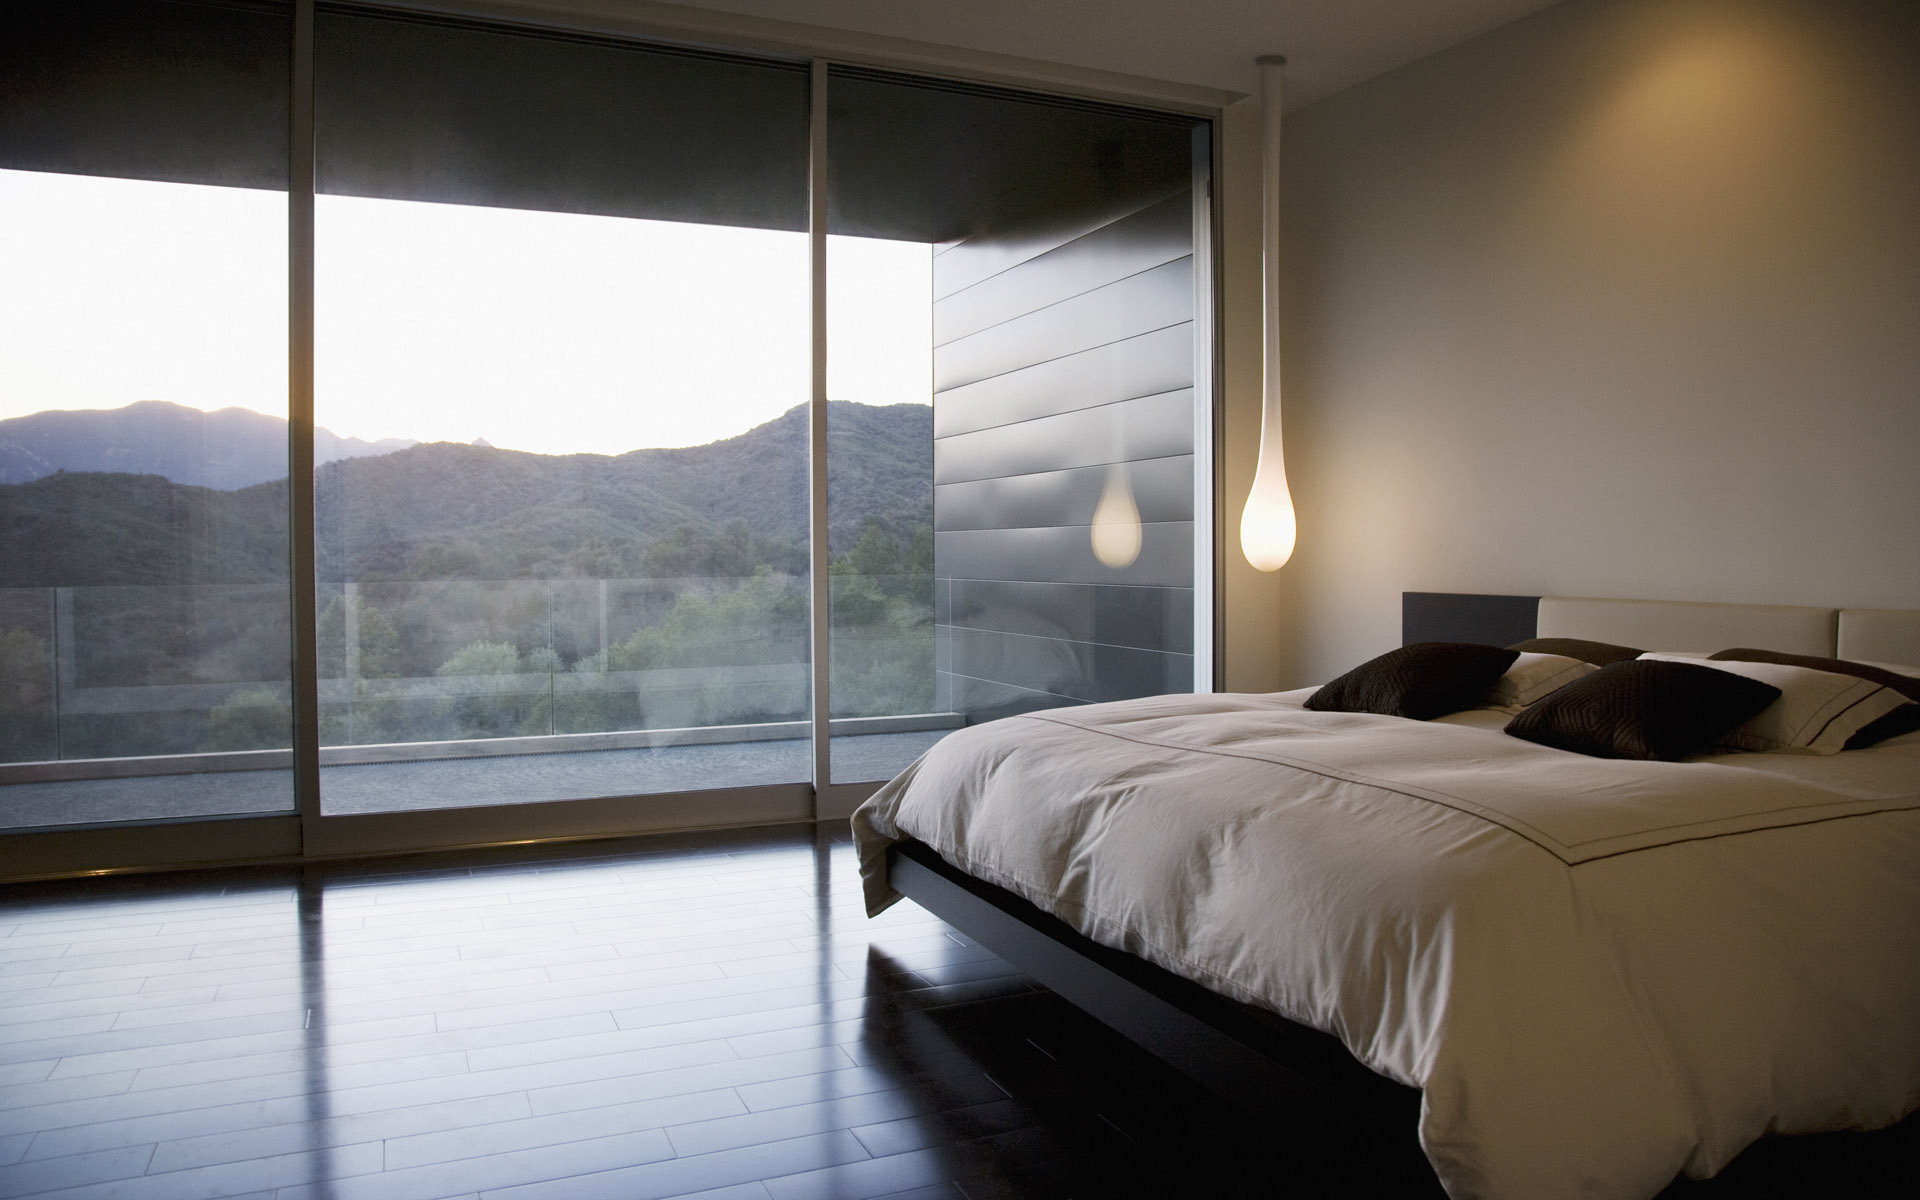 Реечная кровать в интерьере дома